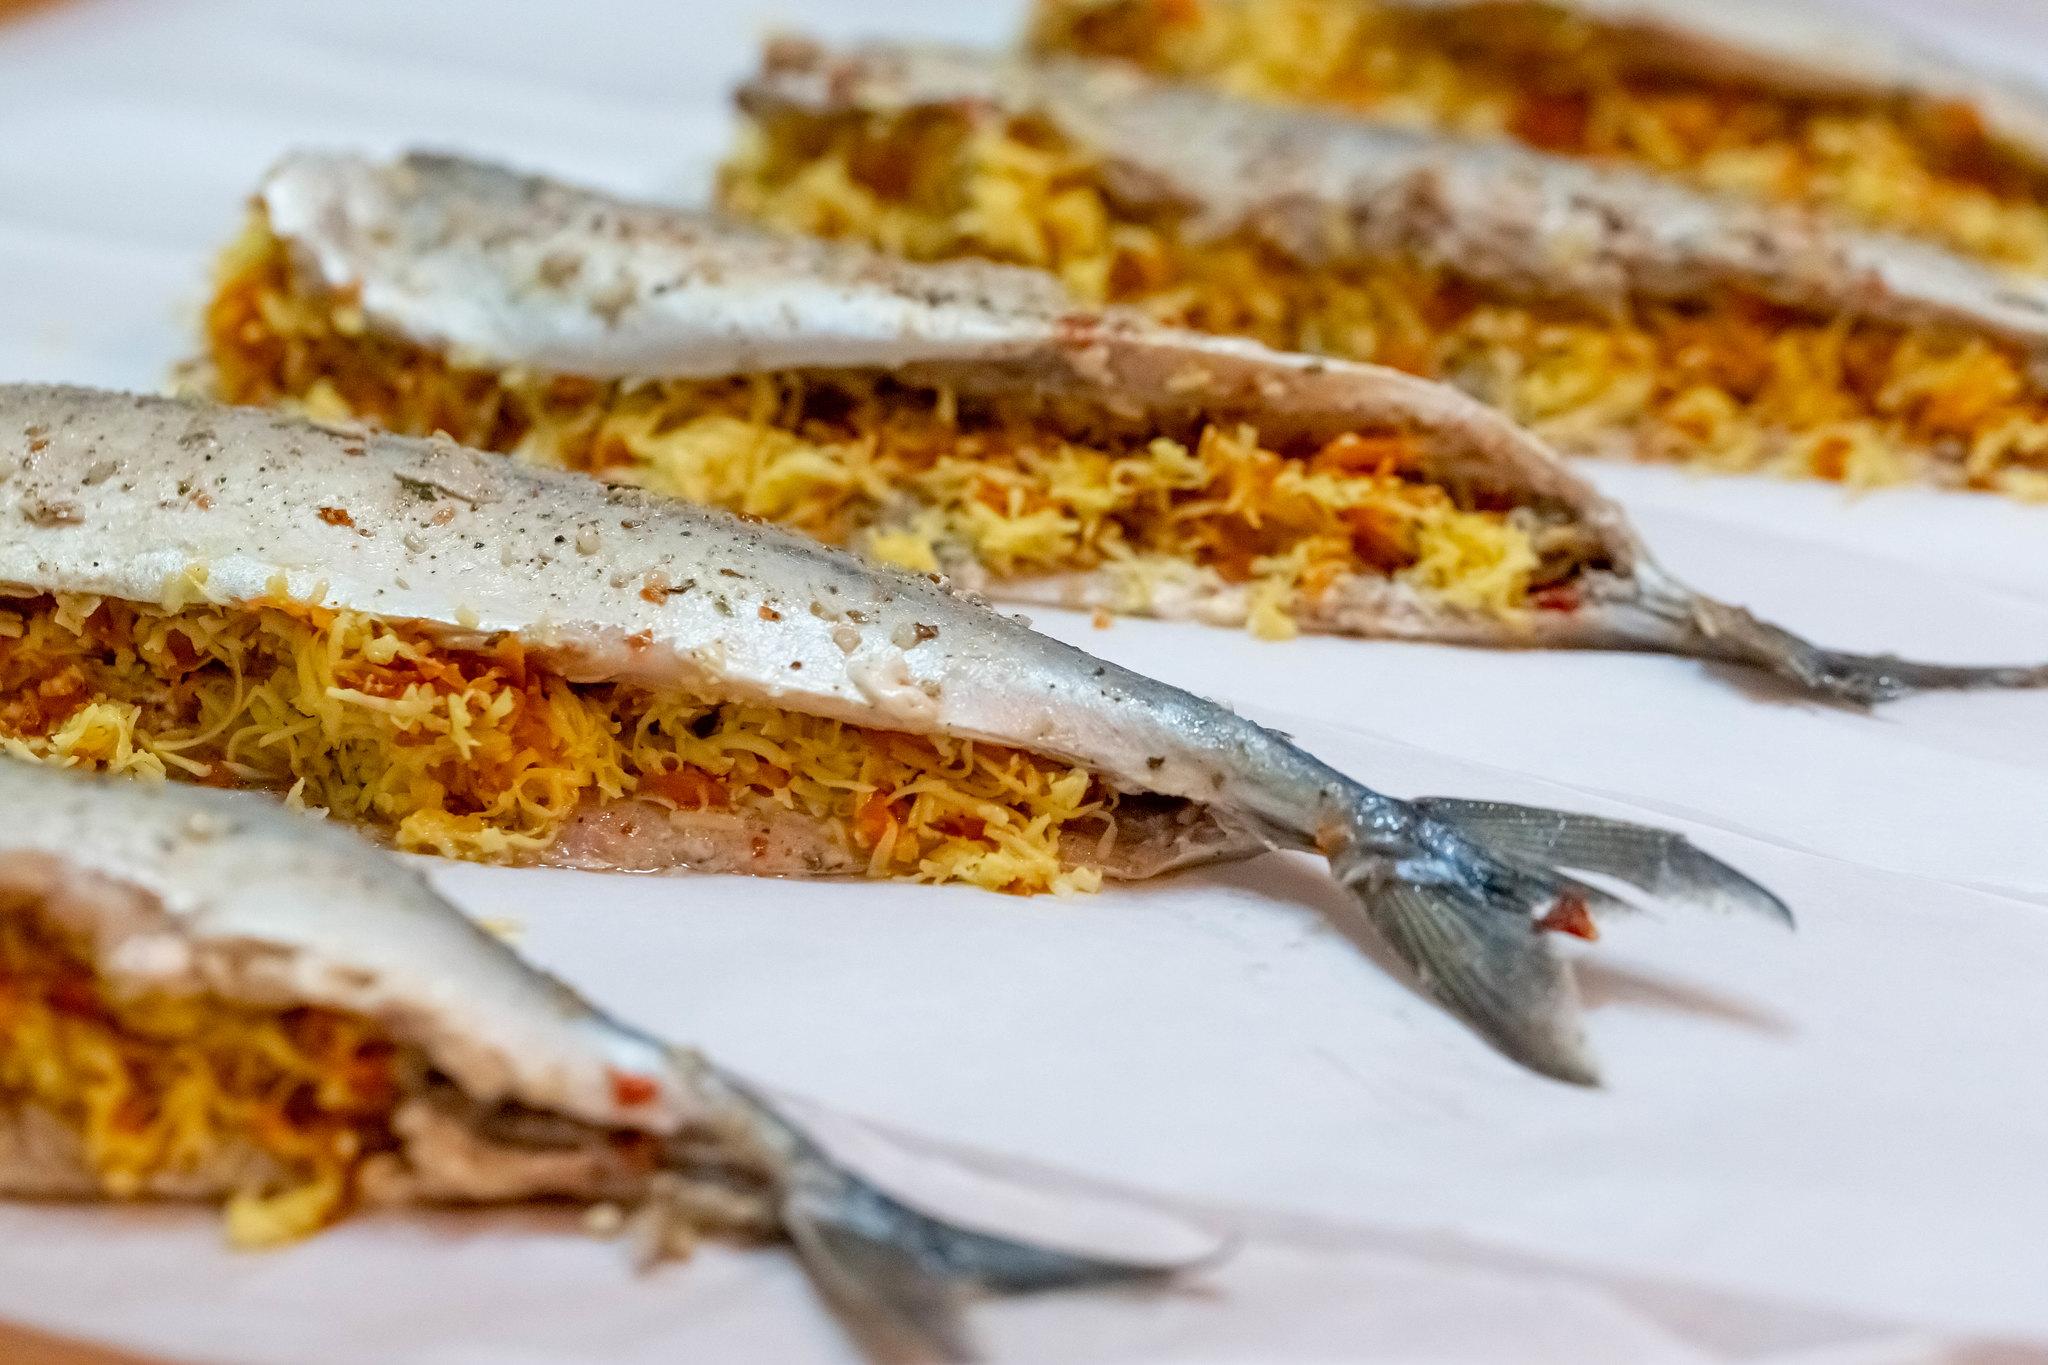 Prilagodba potrebama potrošača – nove recepture i proizvodi riblje industrije